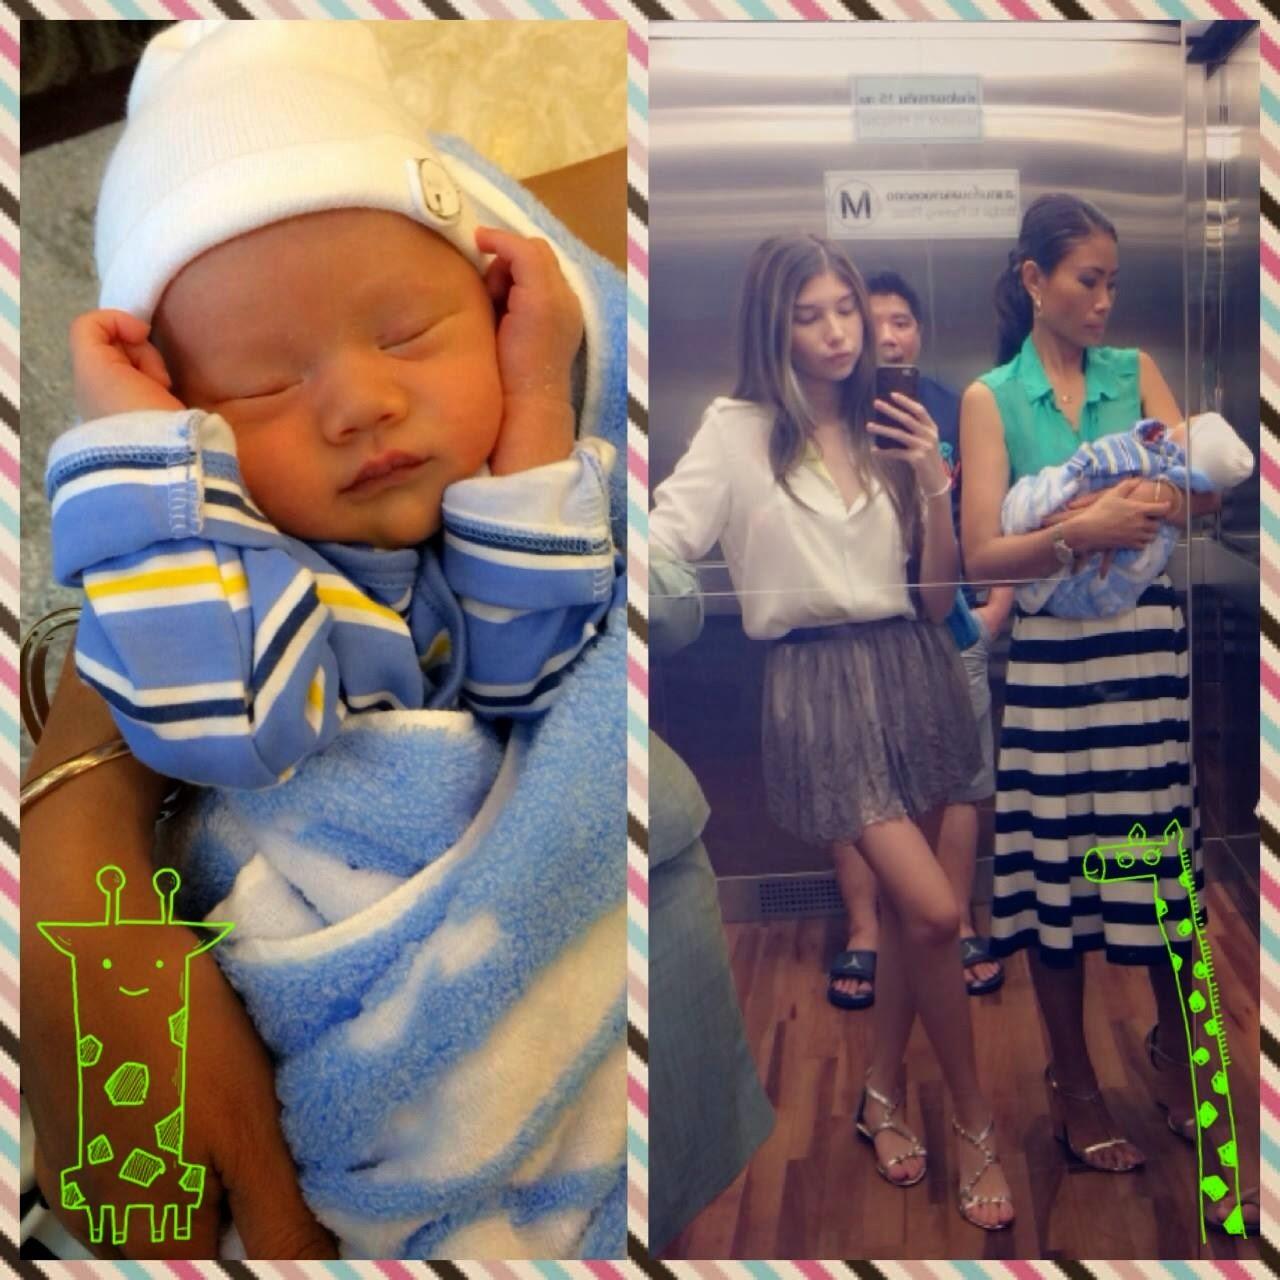 bokep anak kecil 08 Buat yang mau liat betapa lucunya bayi bernama Maxwell ini, ini dia fotonya  yang beberapa hari lalu diupload di akun instagram sang ibu, Sara.